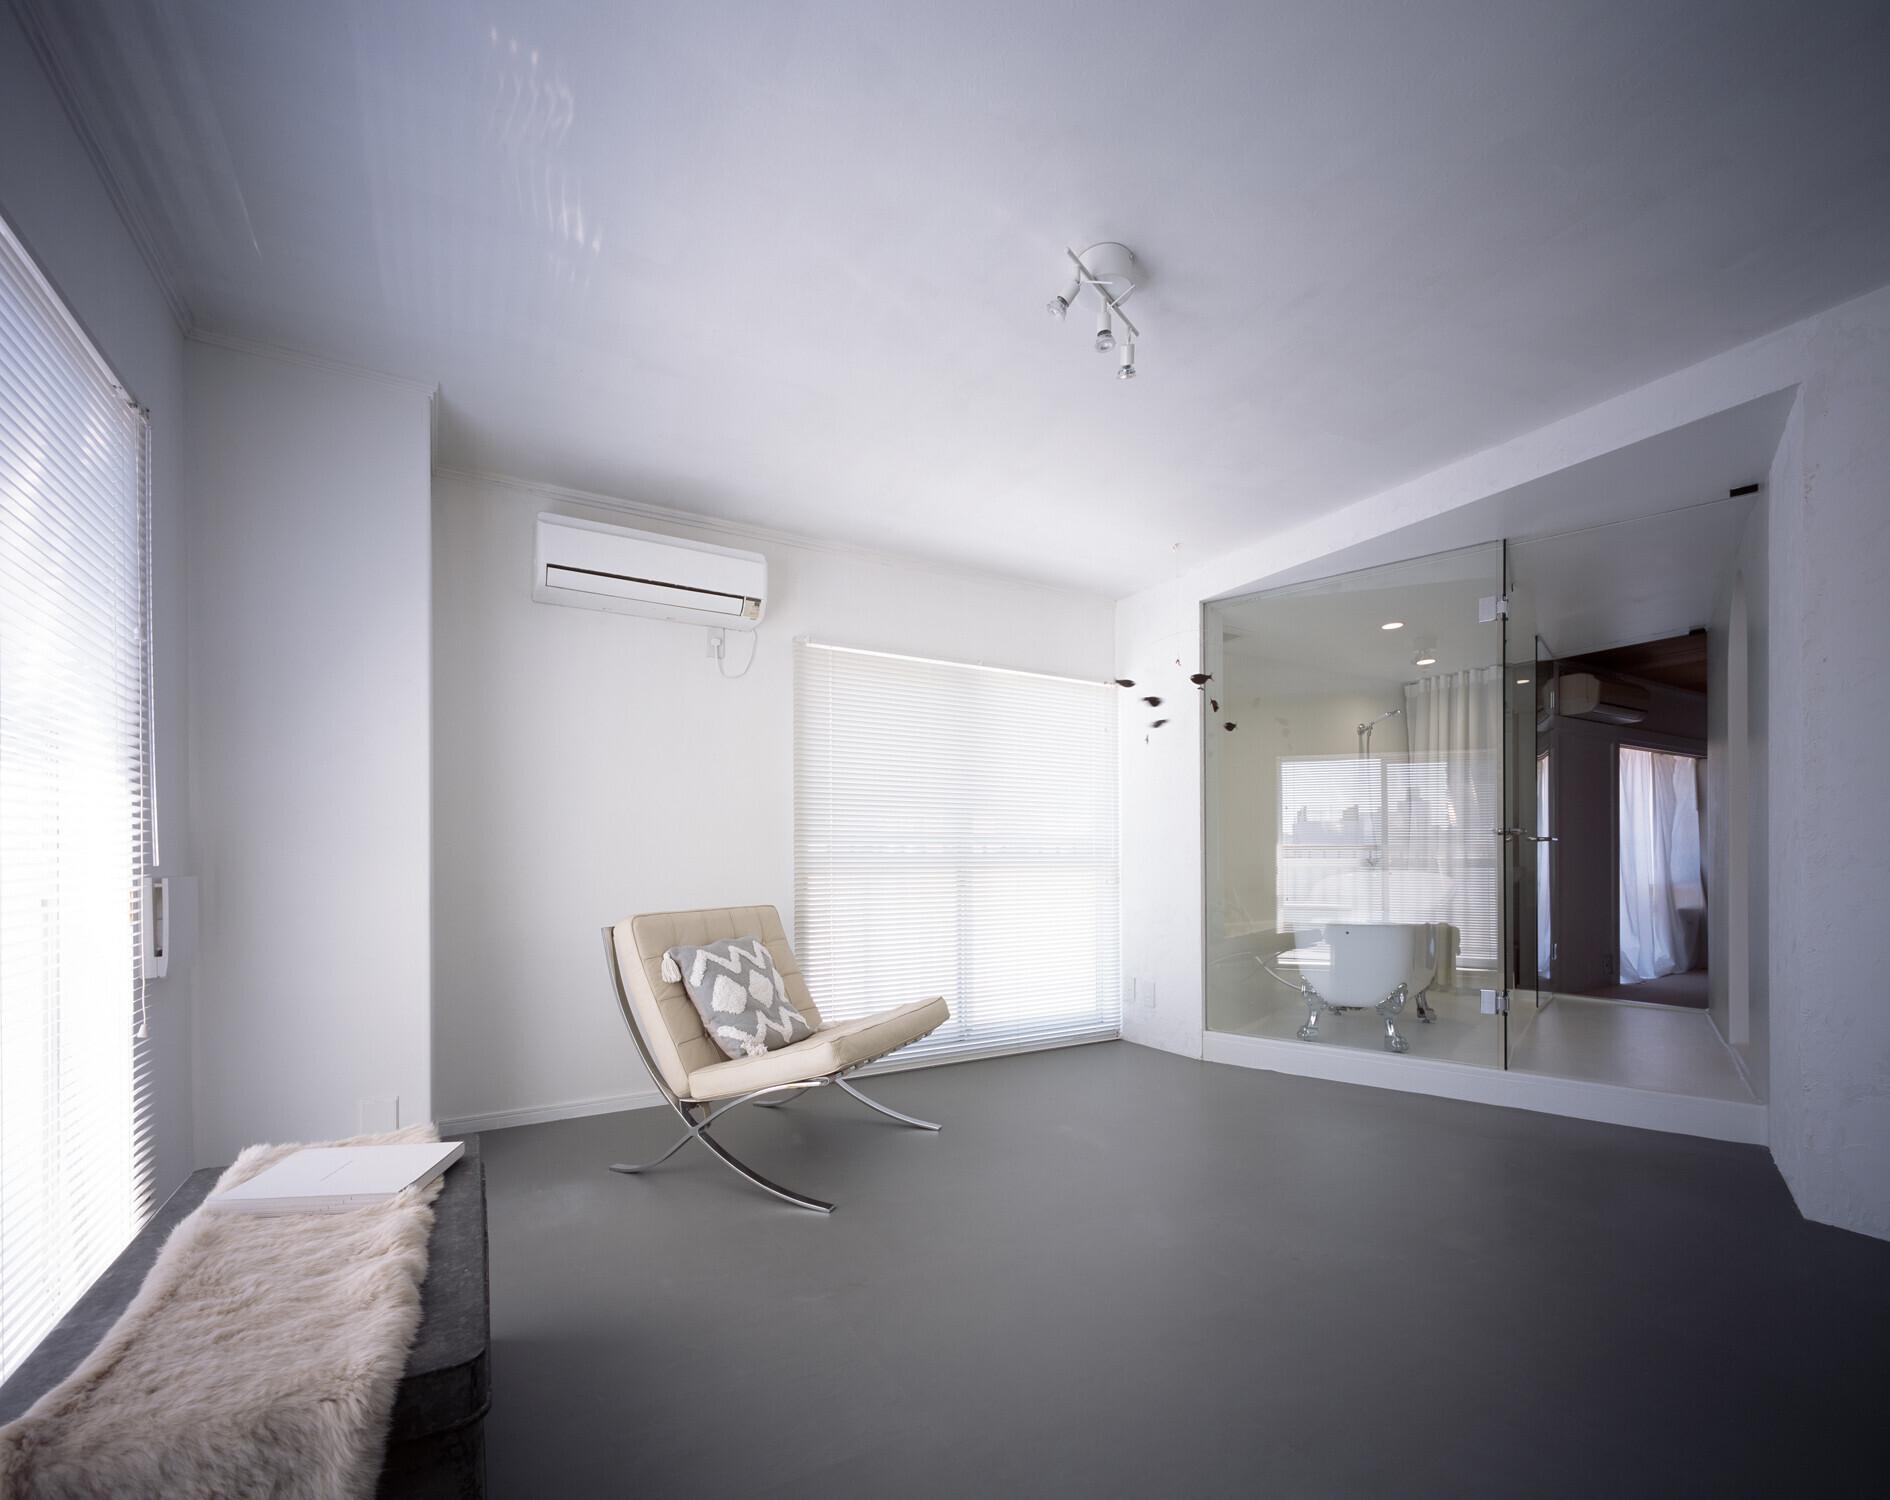 【室1】室1の奥には室2に繋がるトンネル(バスルーム)があります。使っていない時はカーテンを開けてガラス越しに室2が見通せます。写真:西川公朗 | 2つのトンネルのあるアトリエ